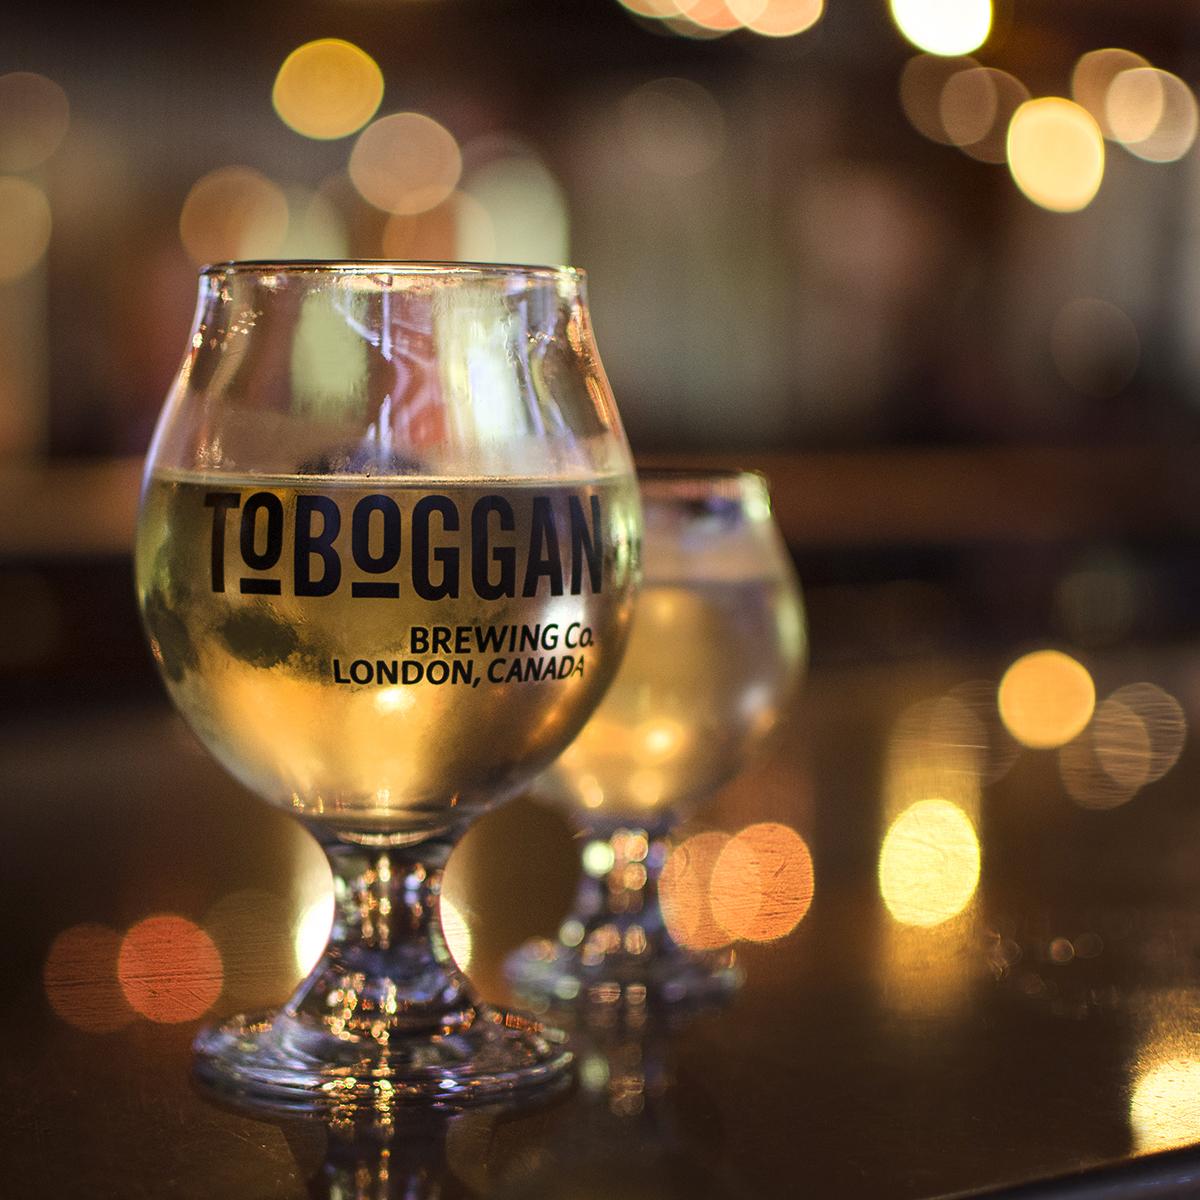 Toboggan Brewing Co - Cider